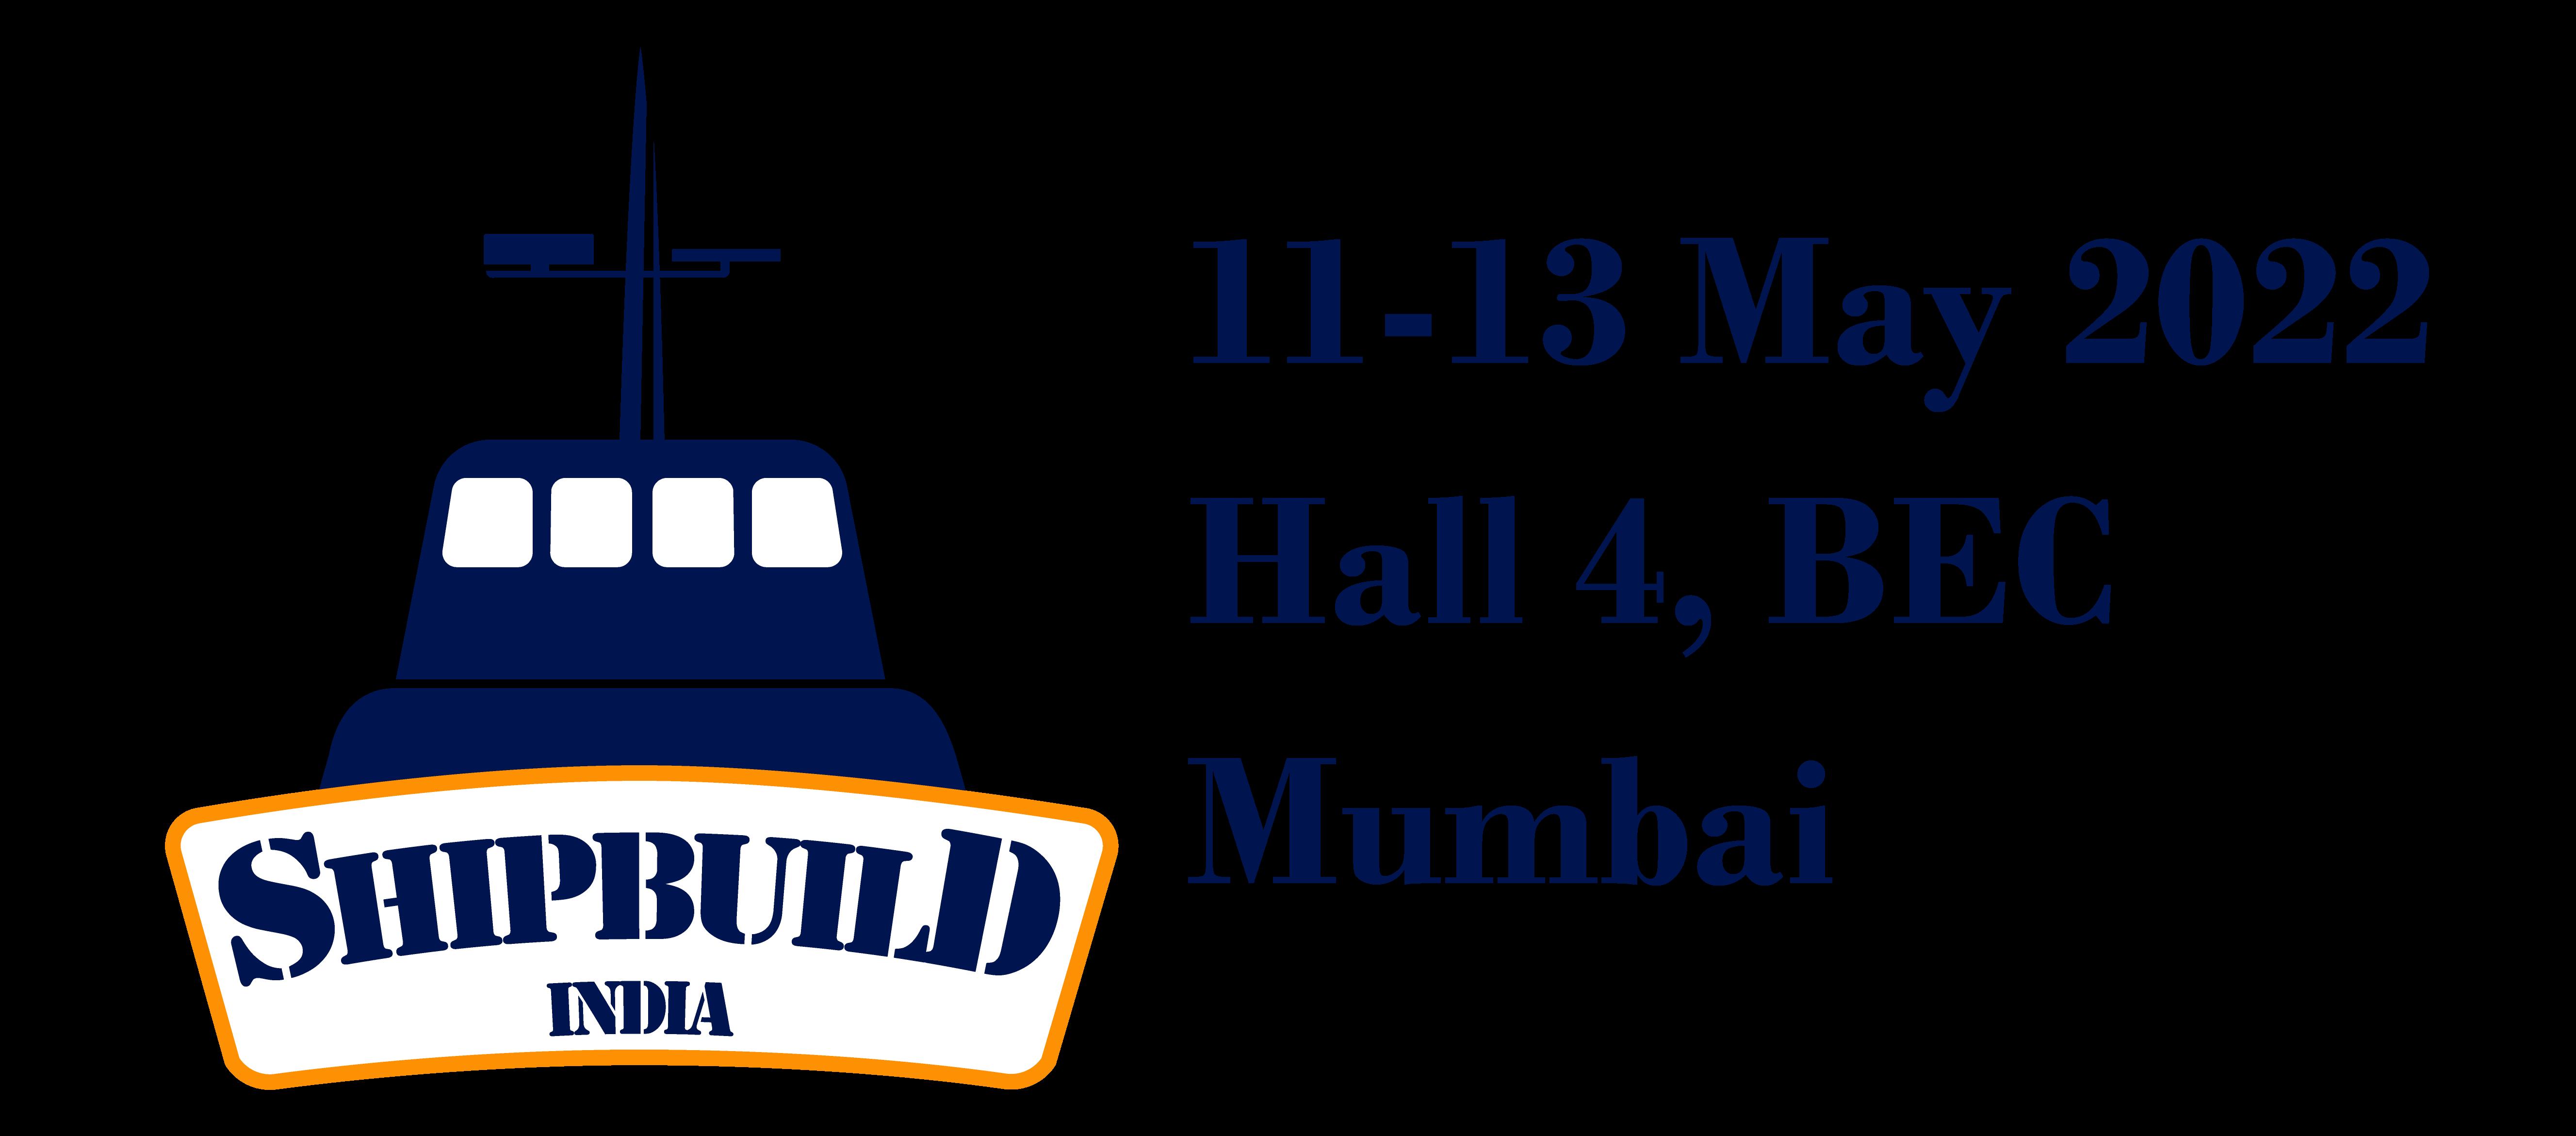 ShipBuild - Mumbai